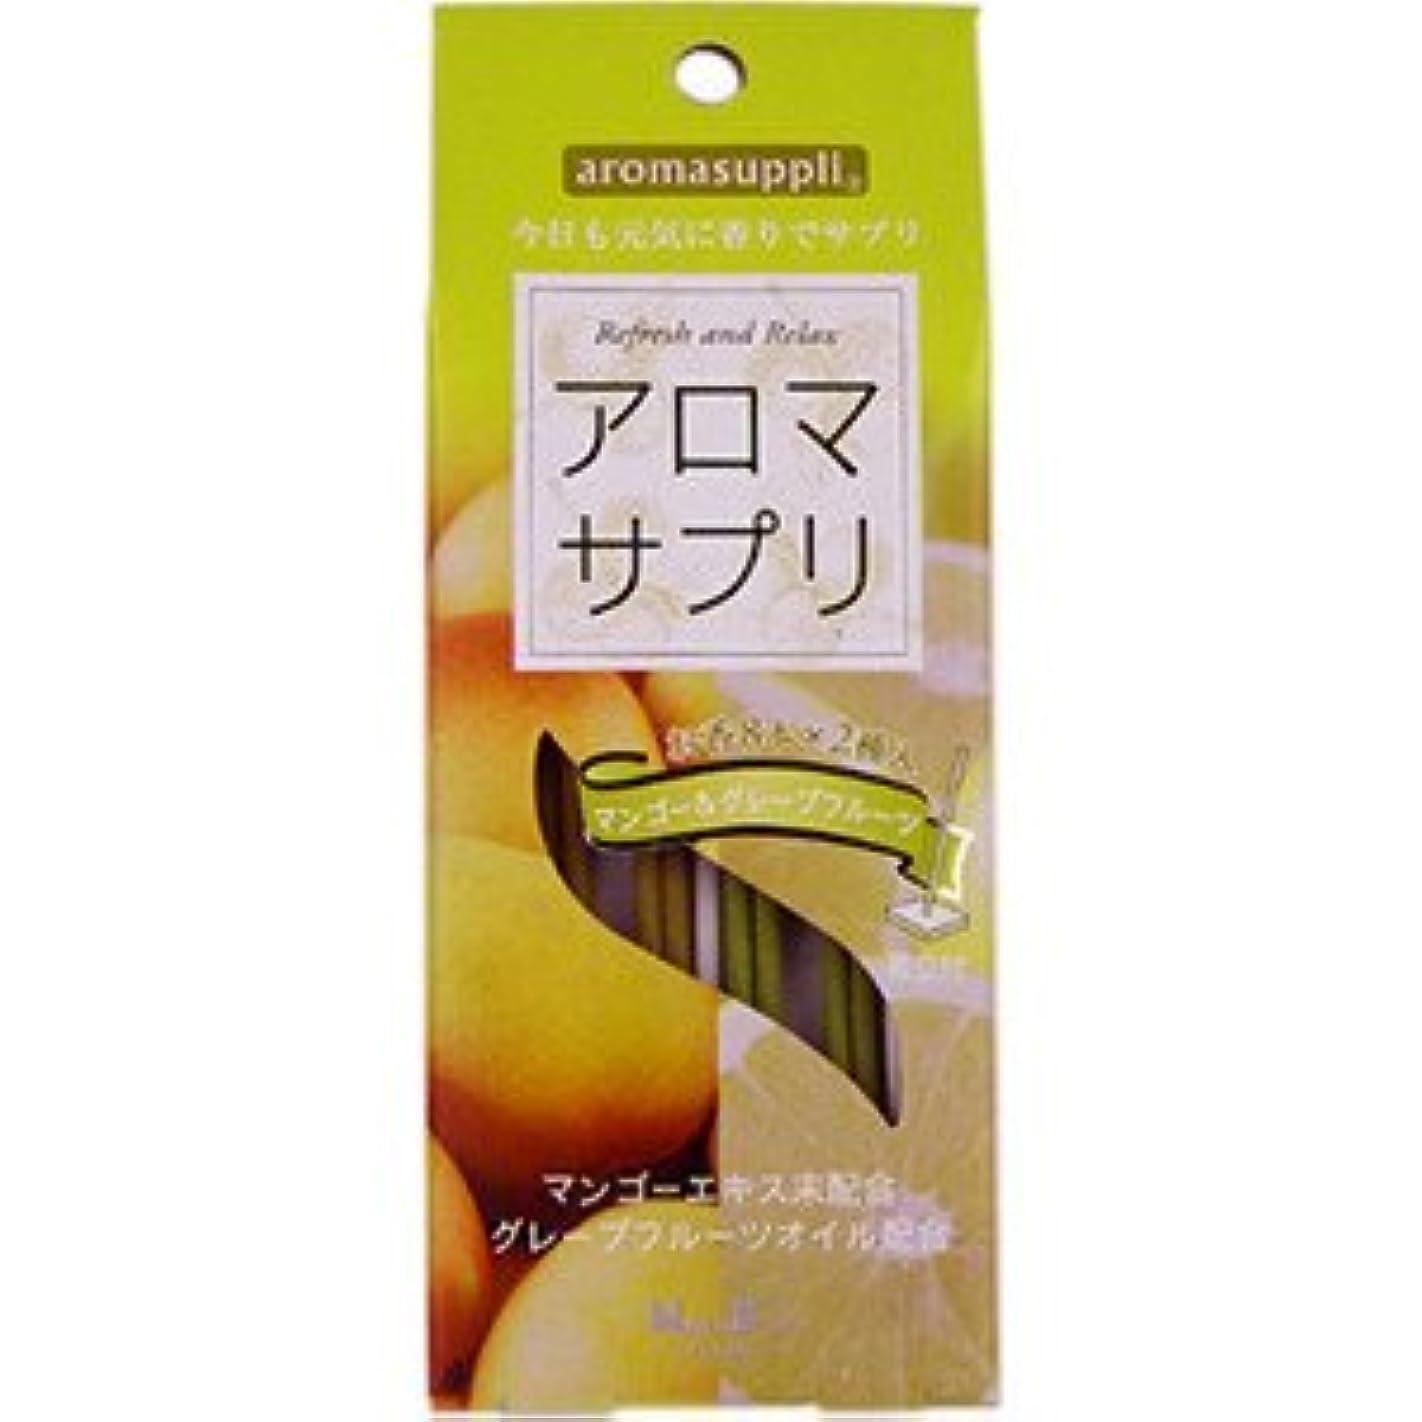 王朝スキムトレッド日本香堂 アロマサプリ マンゴー&グレープフルーツ